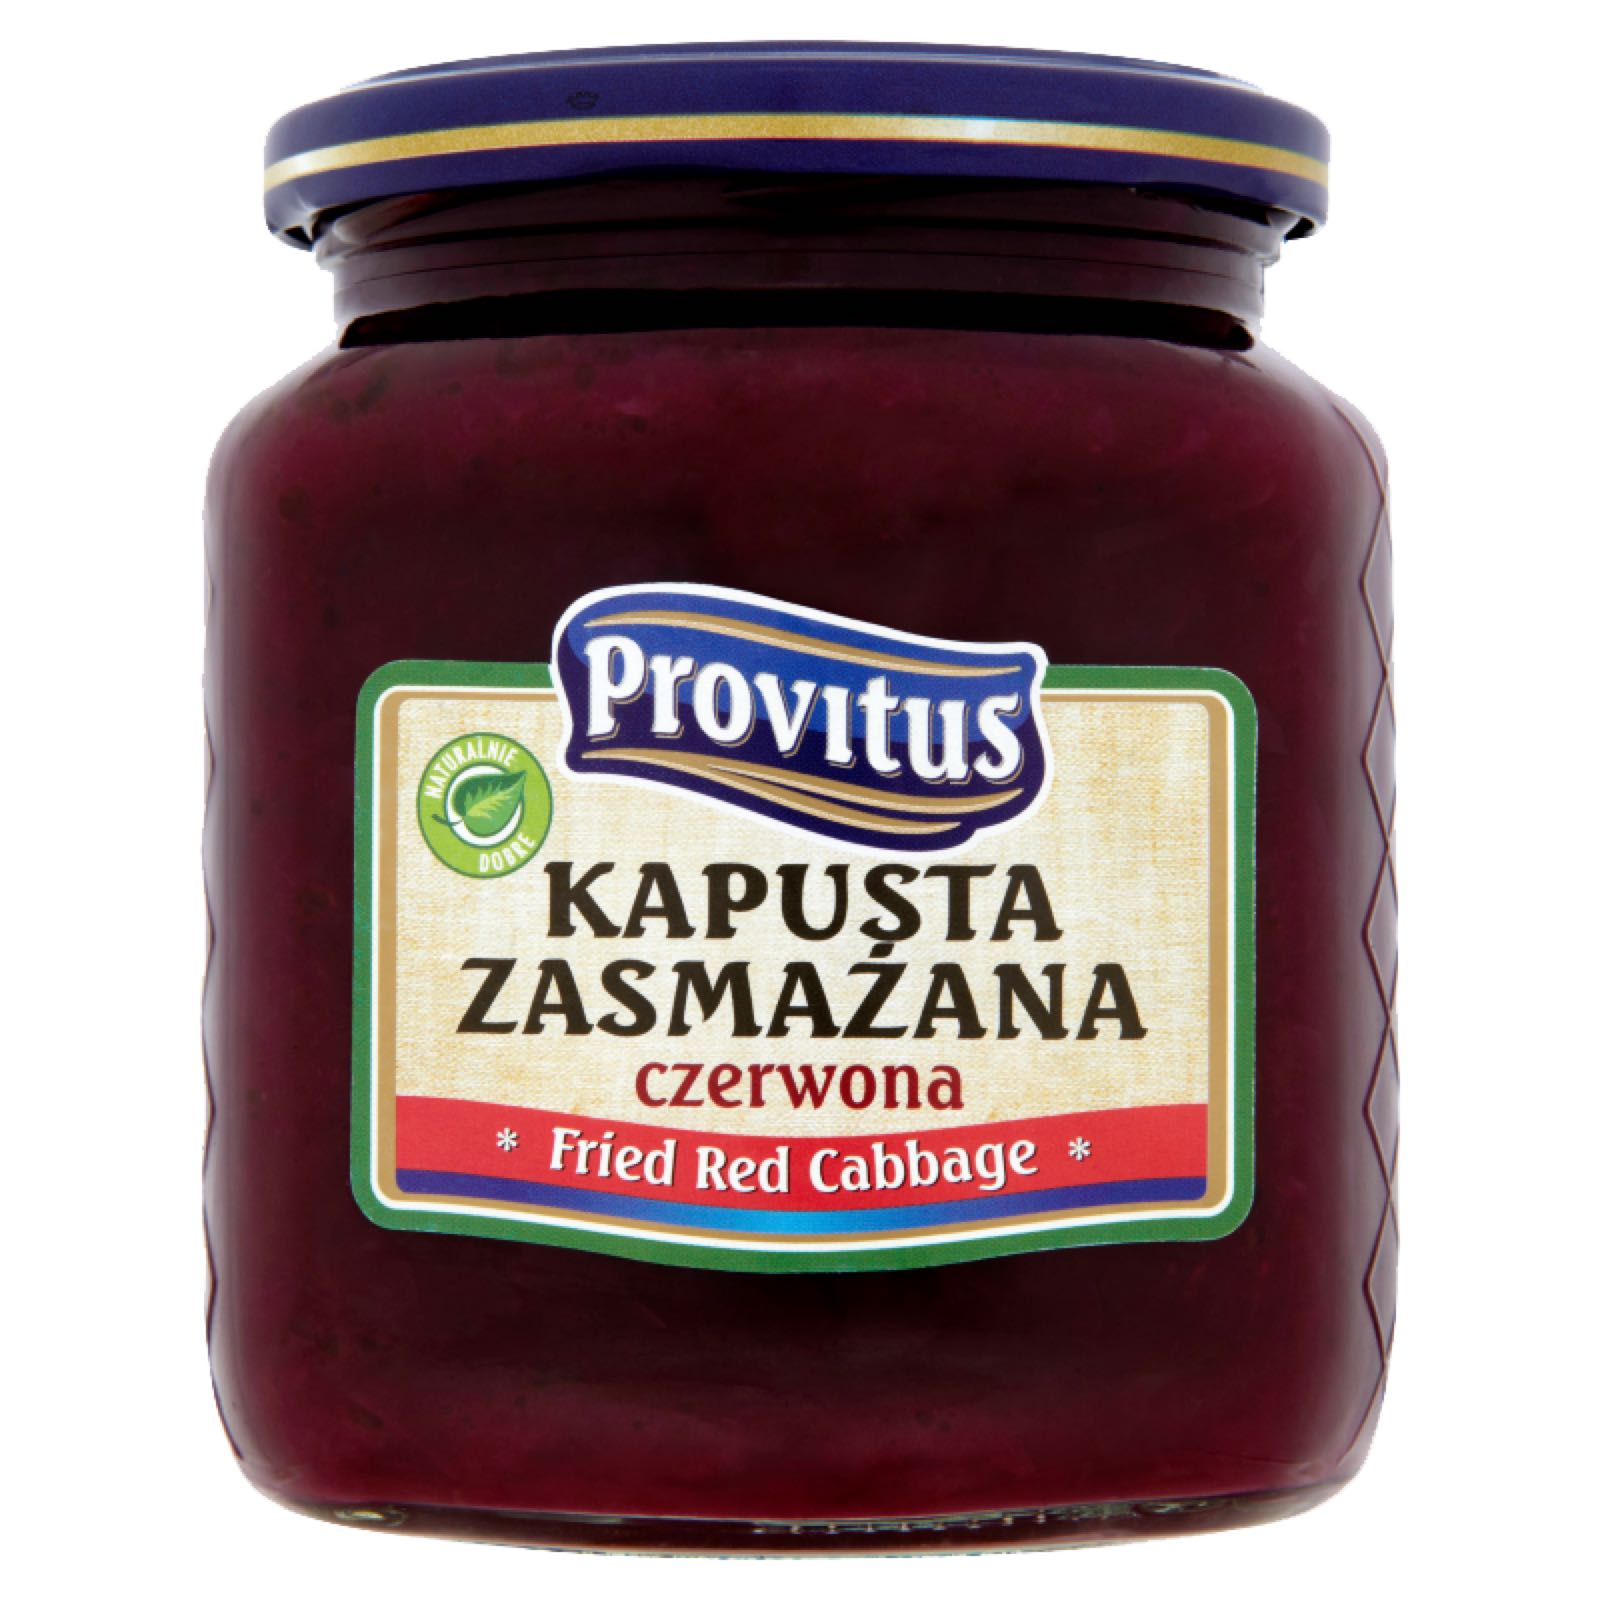 Paistettua punakaalia - Kapusta czerwona zasmazana Provitus 480g